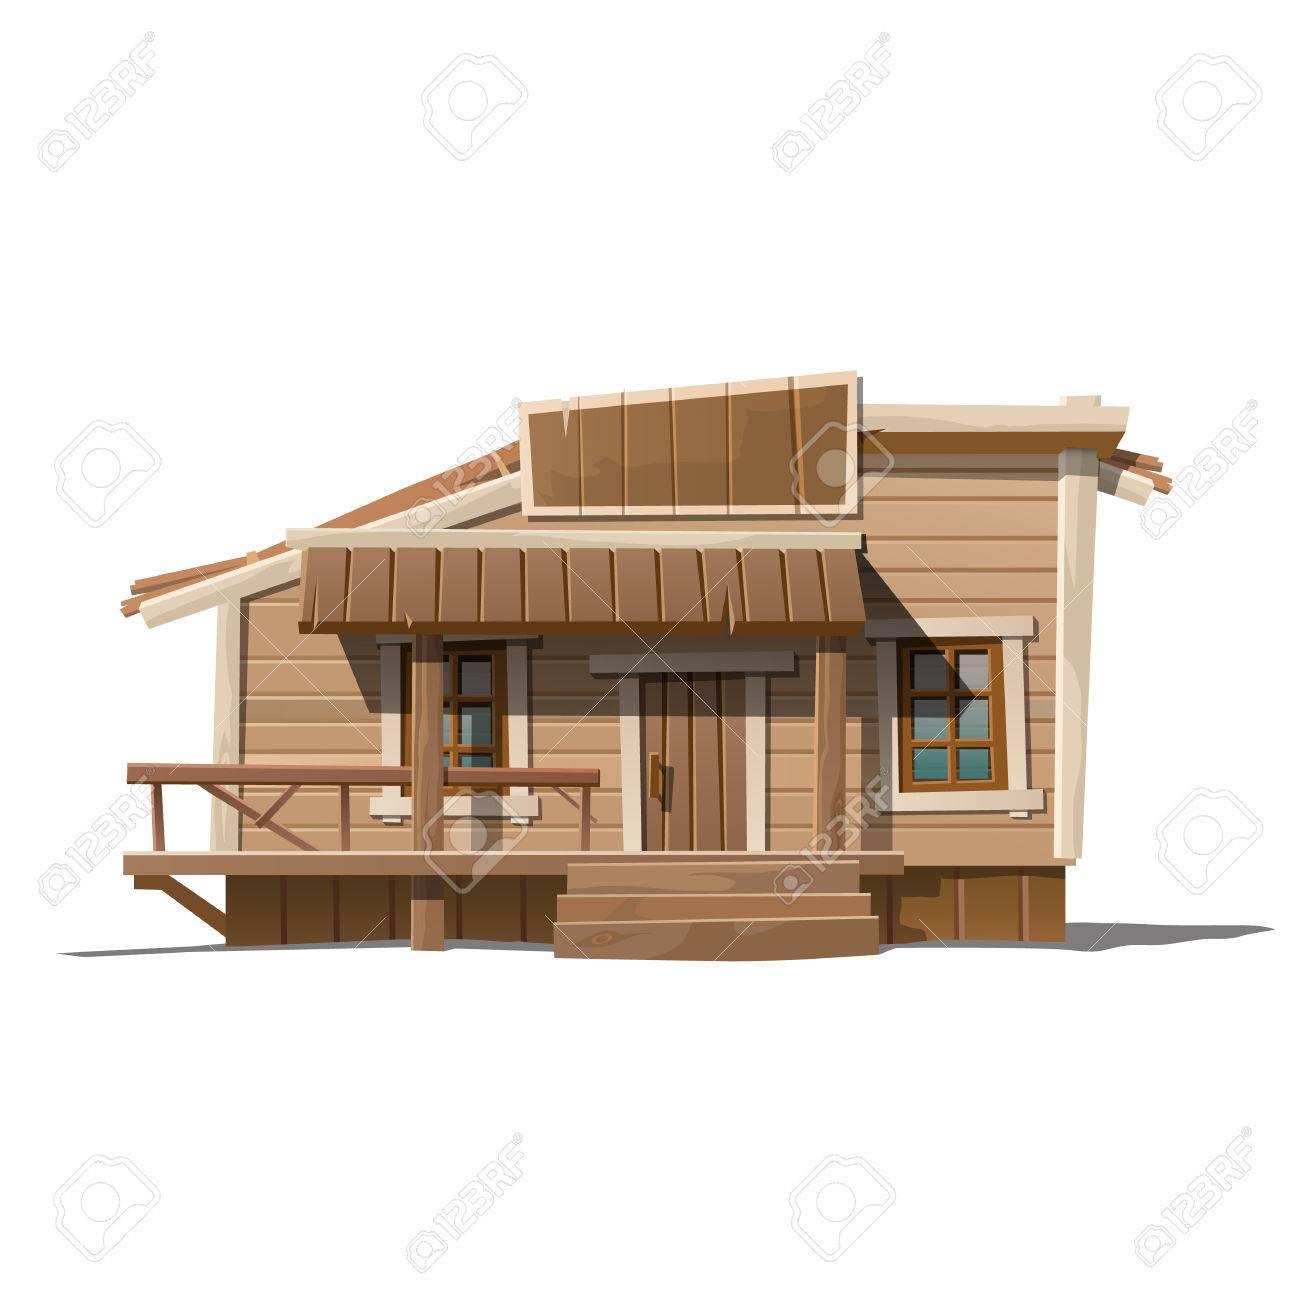 Le Porche D Une Maison maison en bois avec le signe et le porche dans un style campagnard